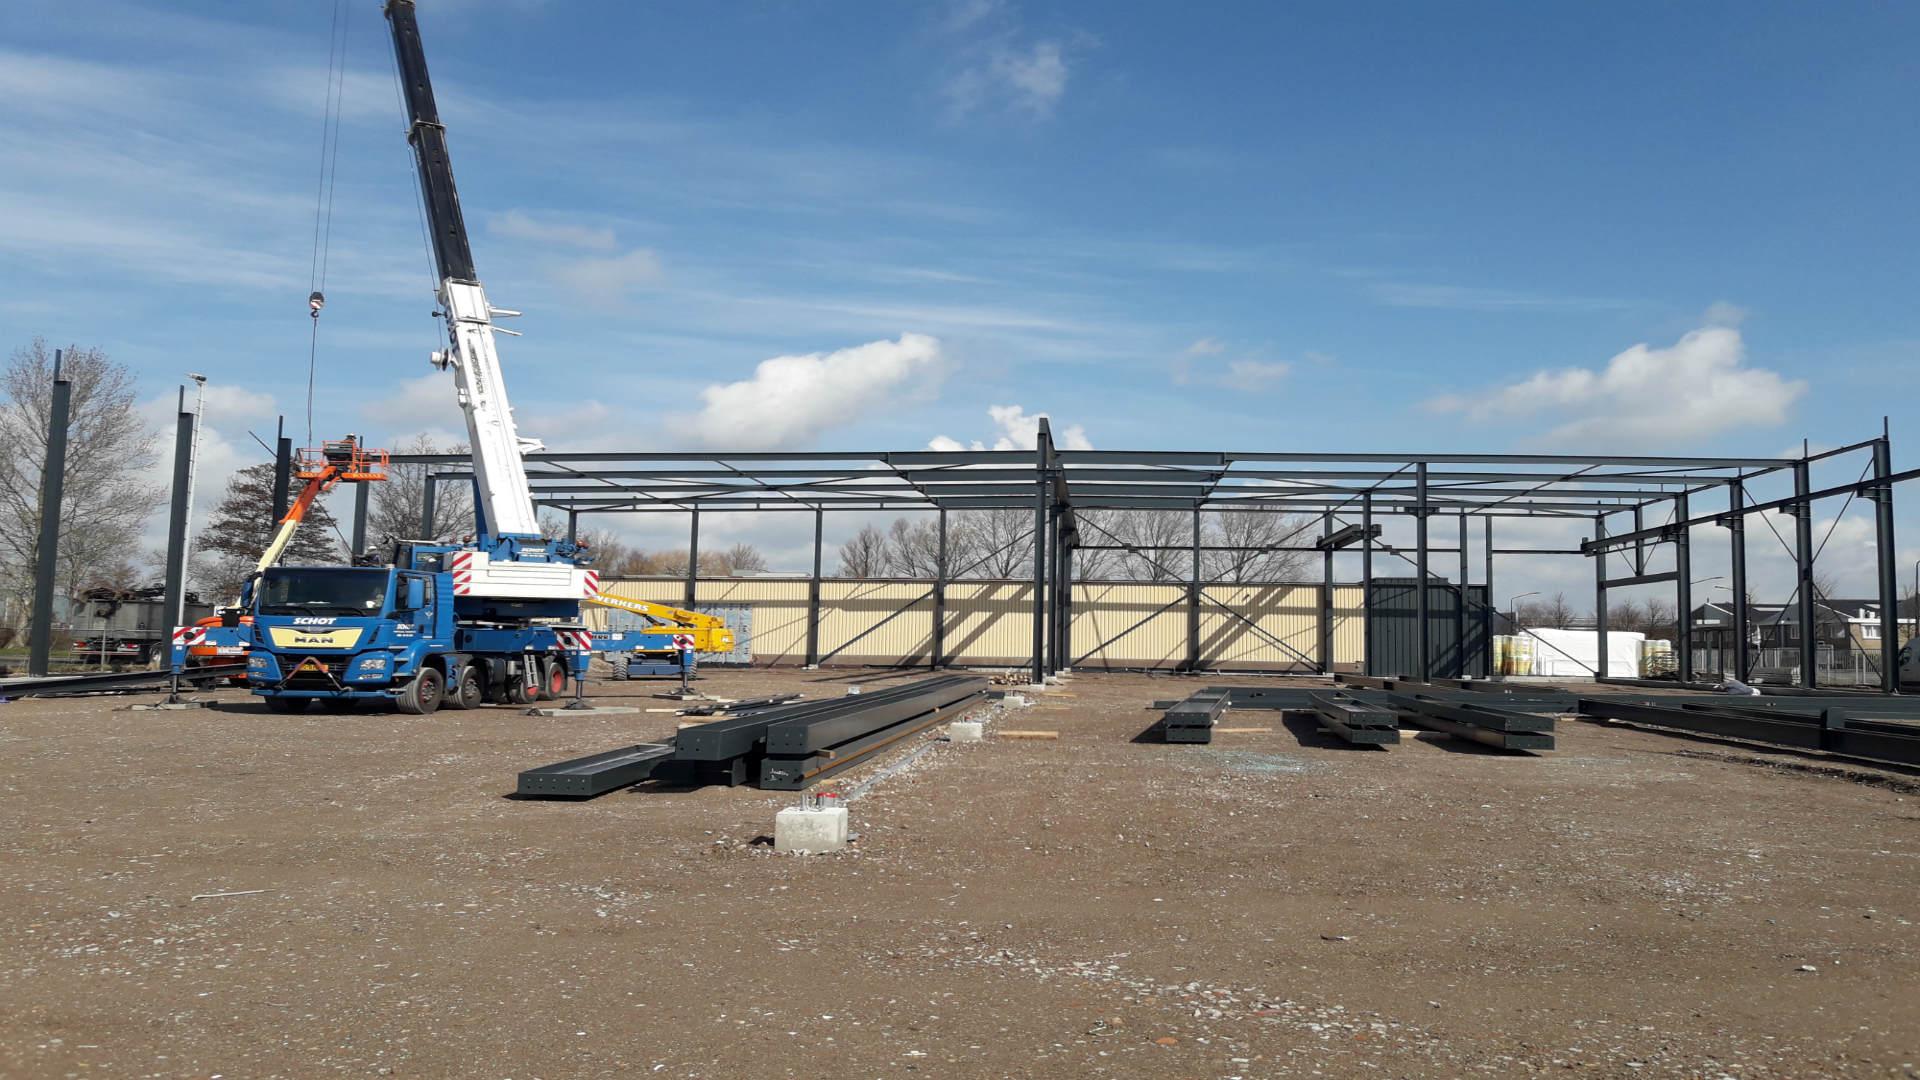 Bouw van Hal Gevelelementen Noord Holland BV voor Bouwbedrijf Cor Koper